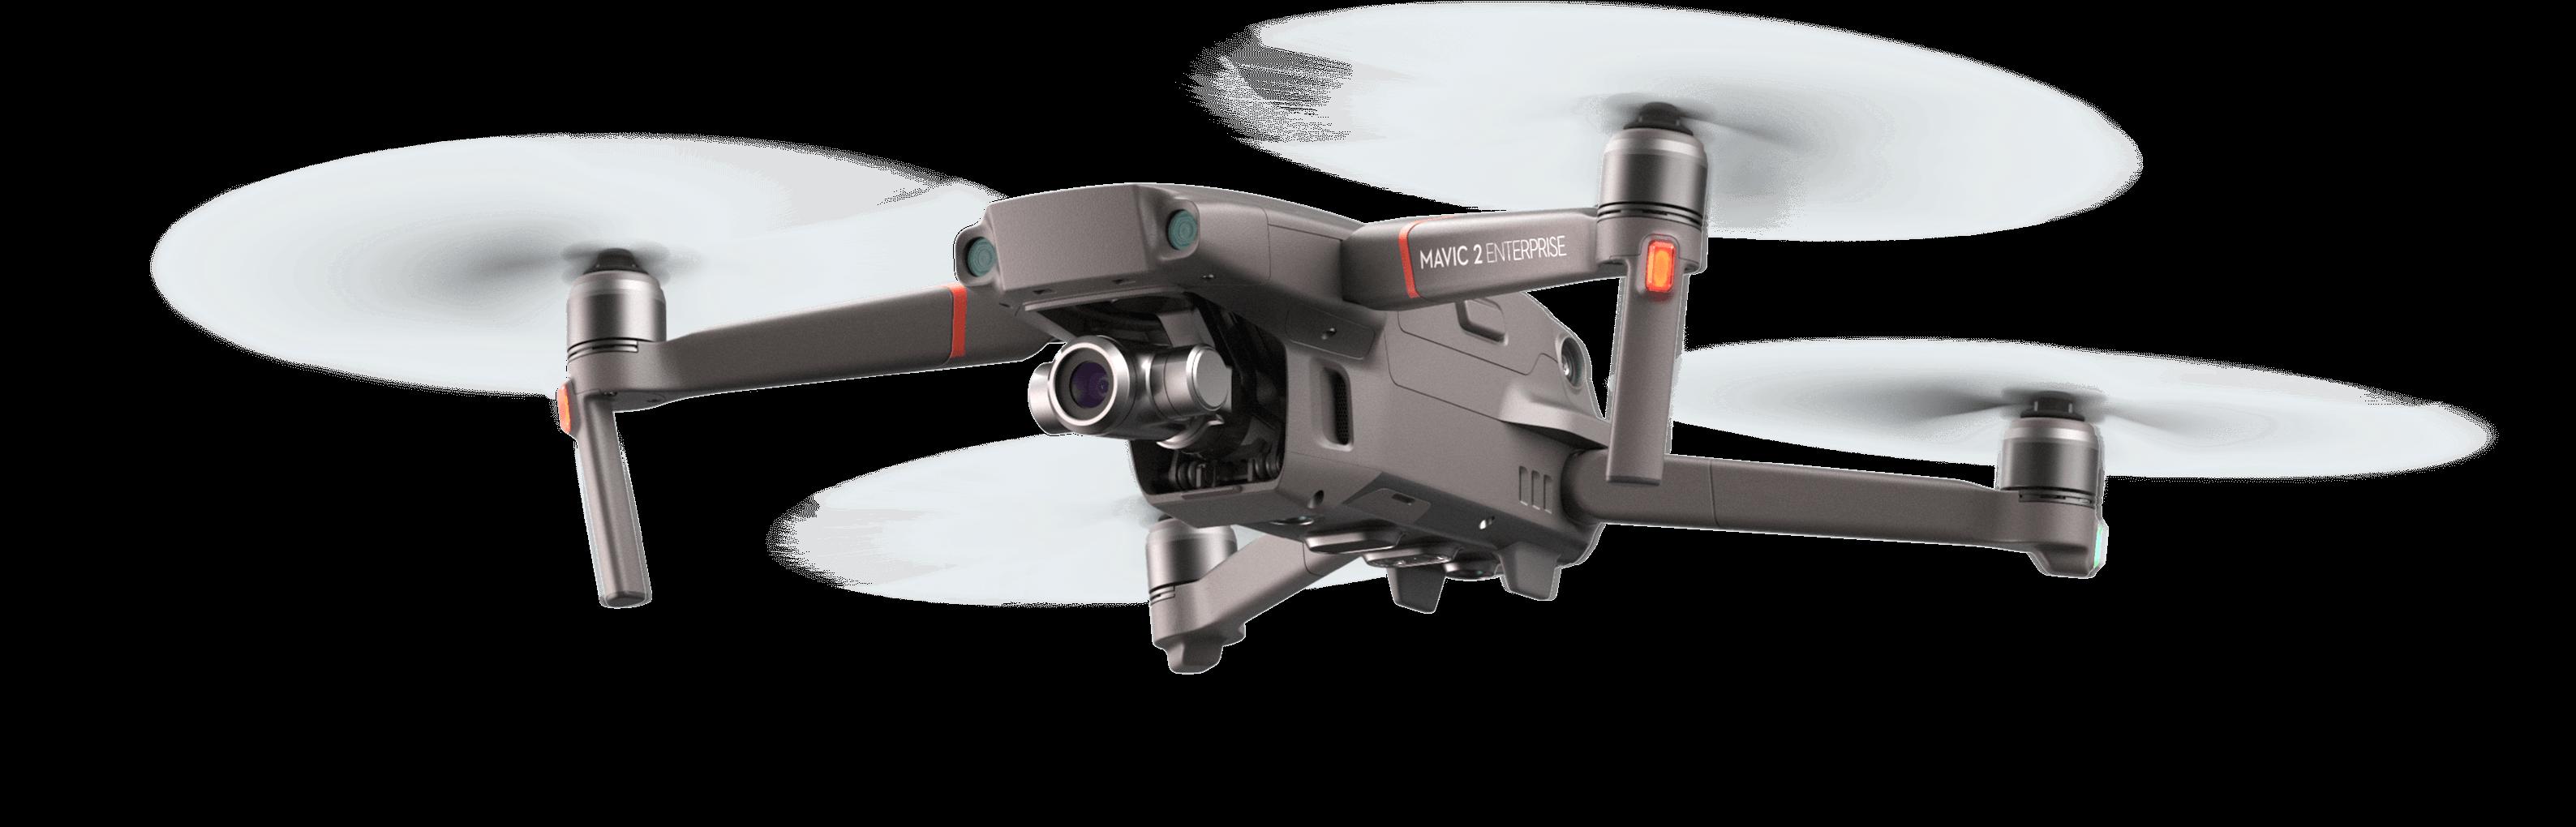 Najnowszy dron dla straży pożarnej i ratownictwa DJI MAVIC ENTERPRISE dostępny w sklepie IRON SKY www ironsky pl